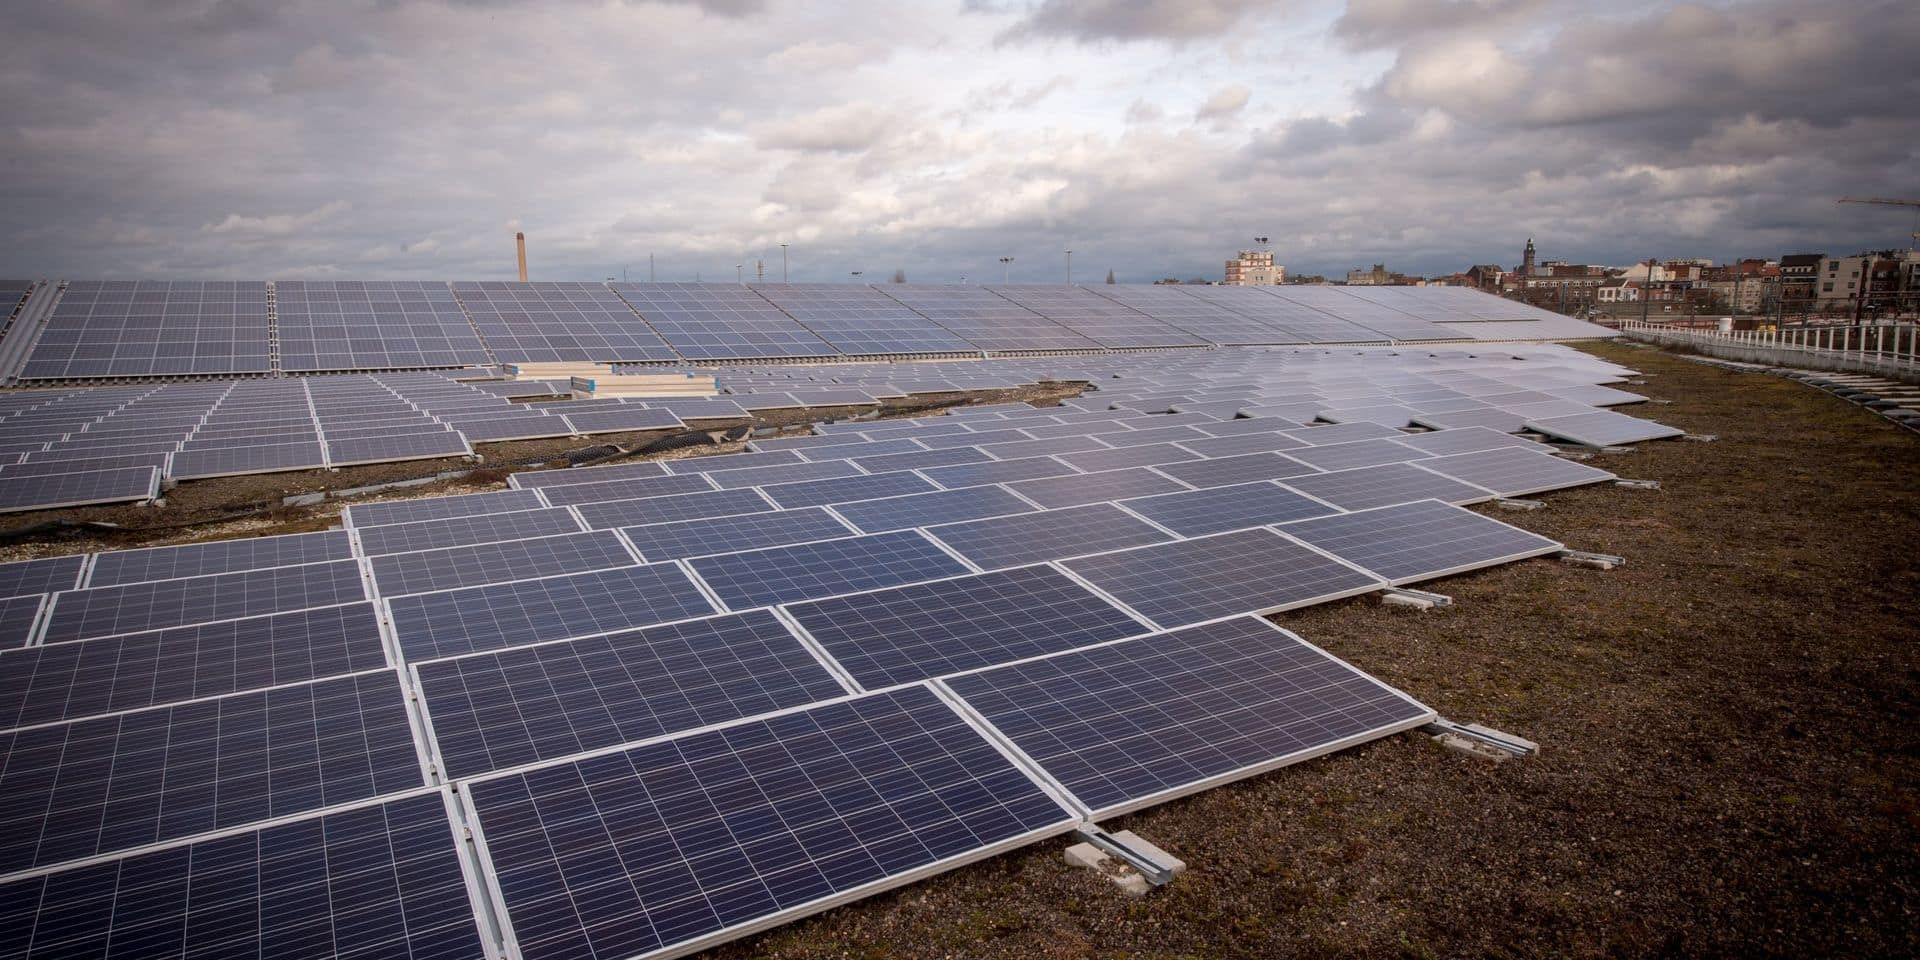 La saga photovoltaïque n'en finit pas: le MR veut forcer un report de la redevance